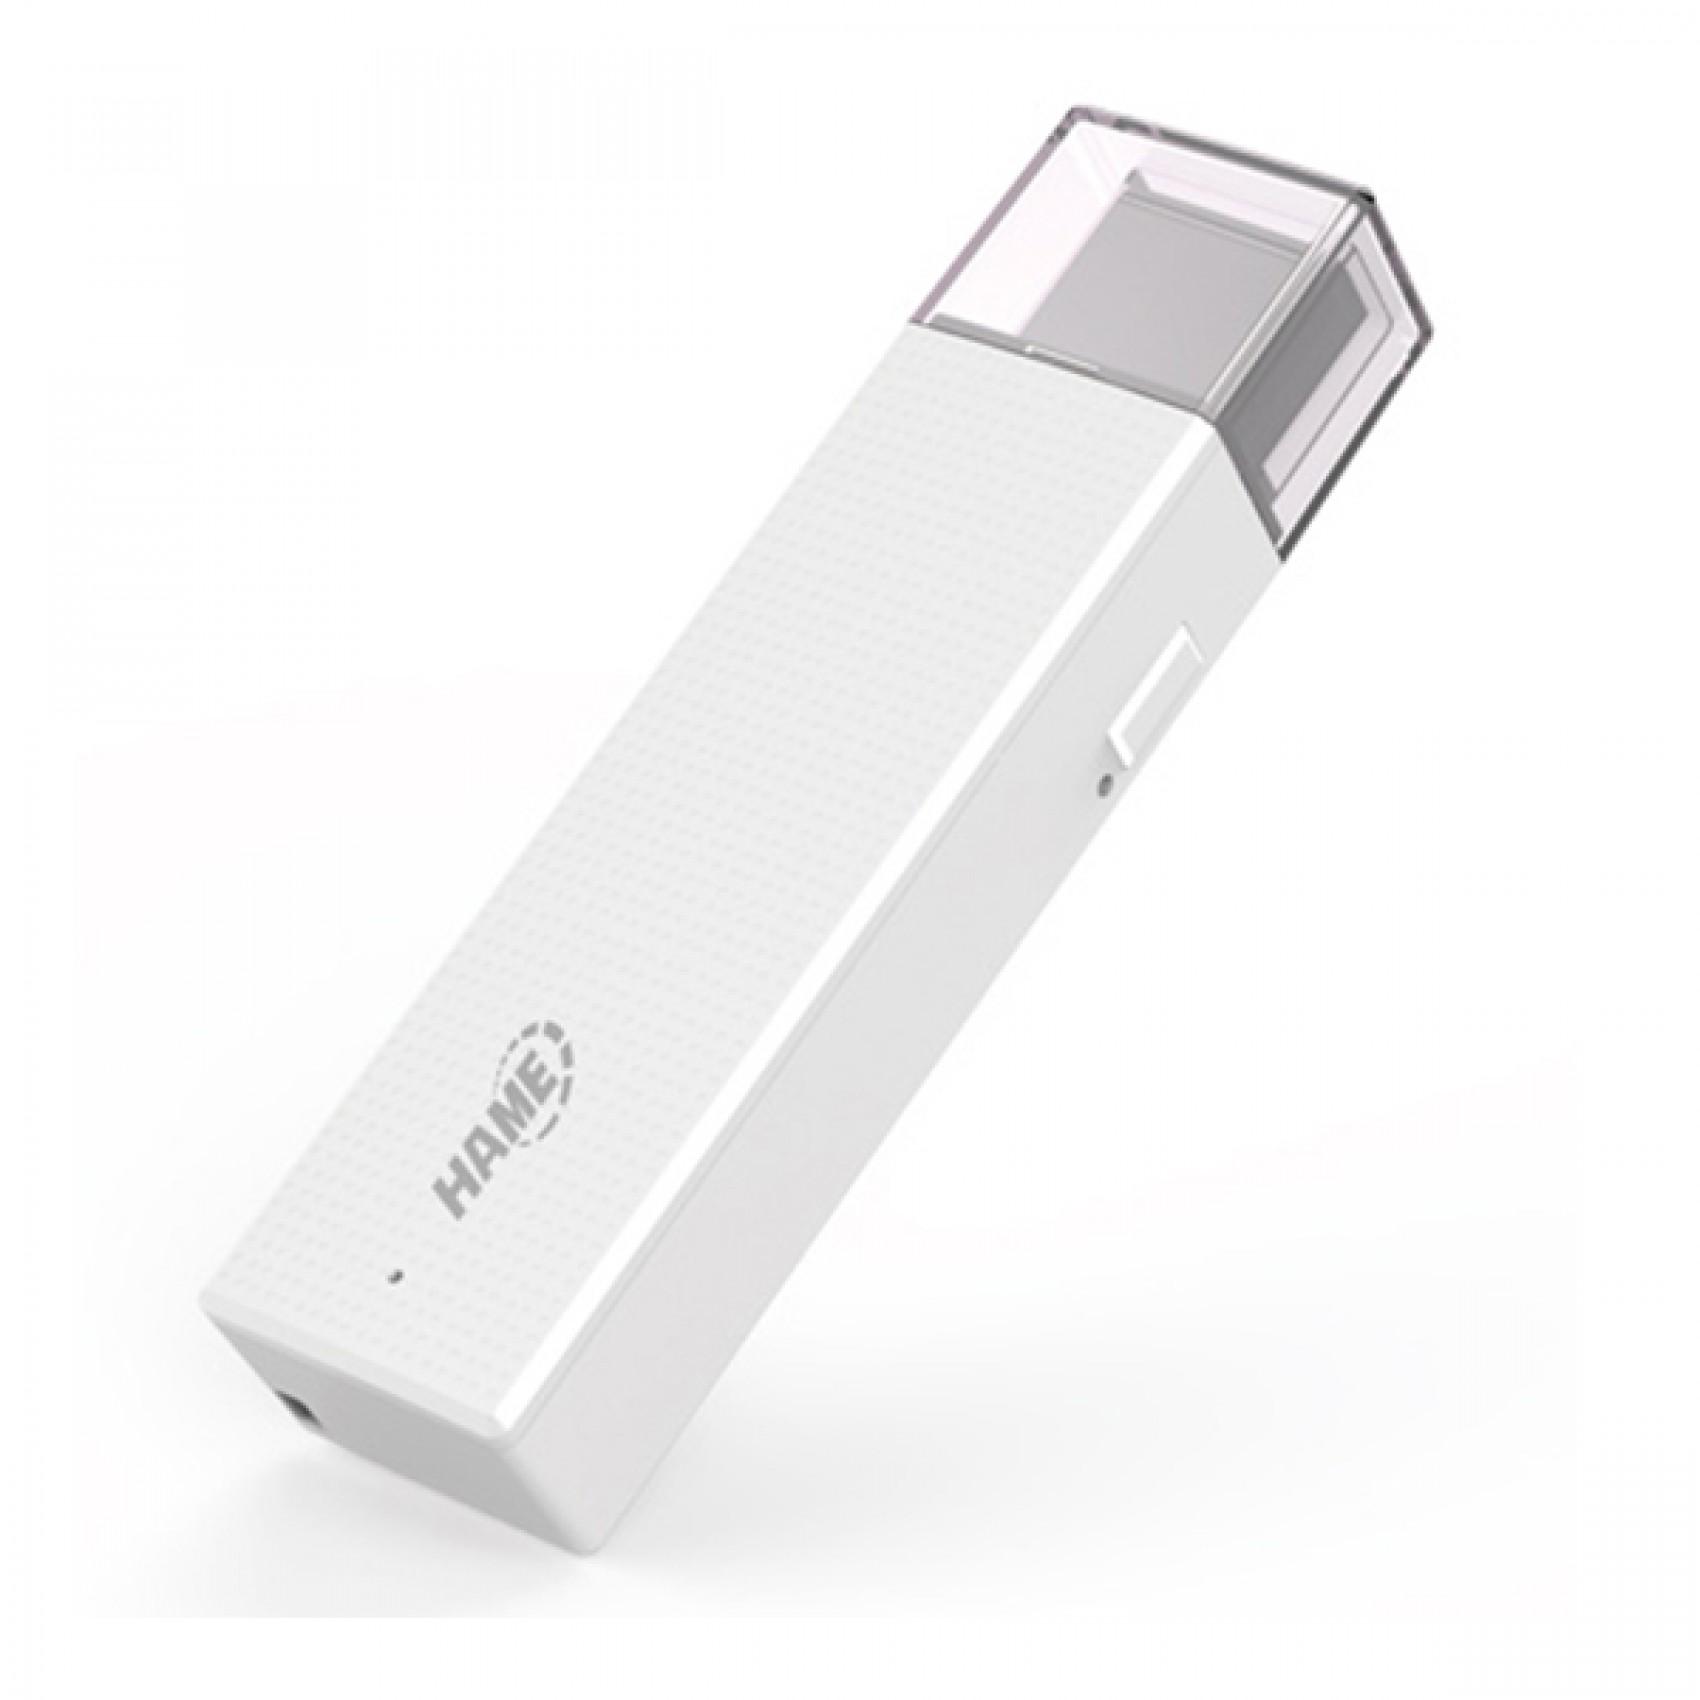 1700x1700 64g Wireless Ustick Usb Flashdrive